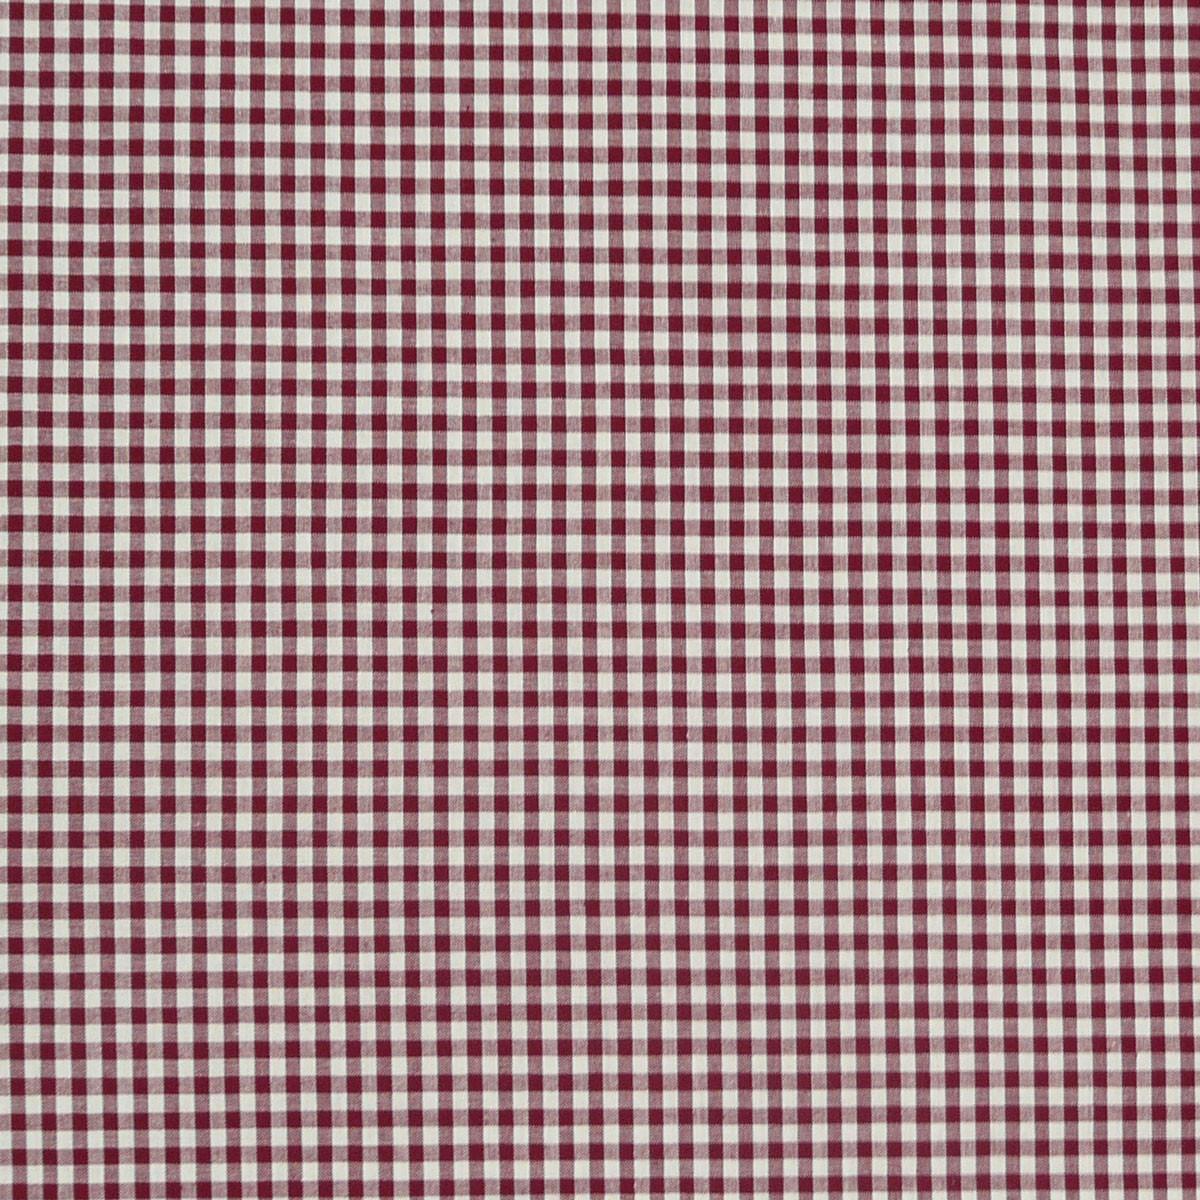 Baumwollstoff kariert weiß dunkelrot 5mm 1,4m Breite